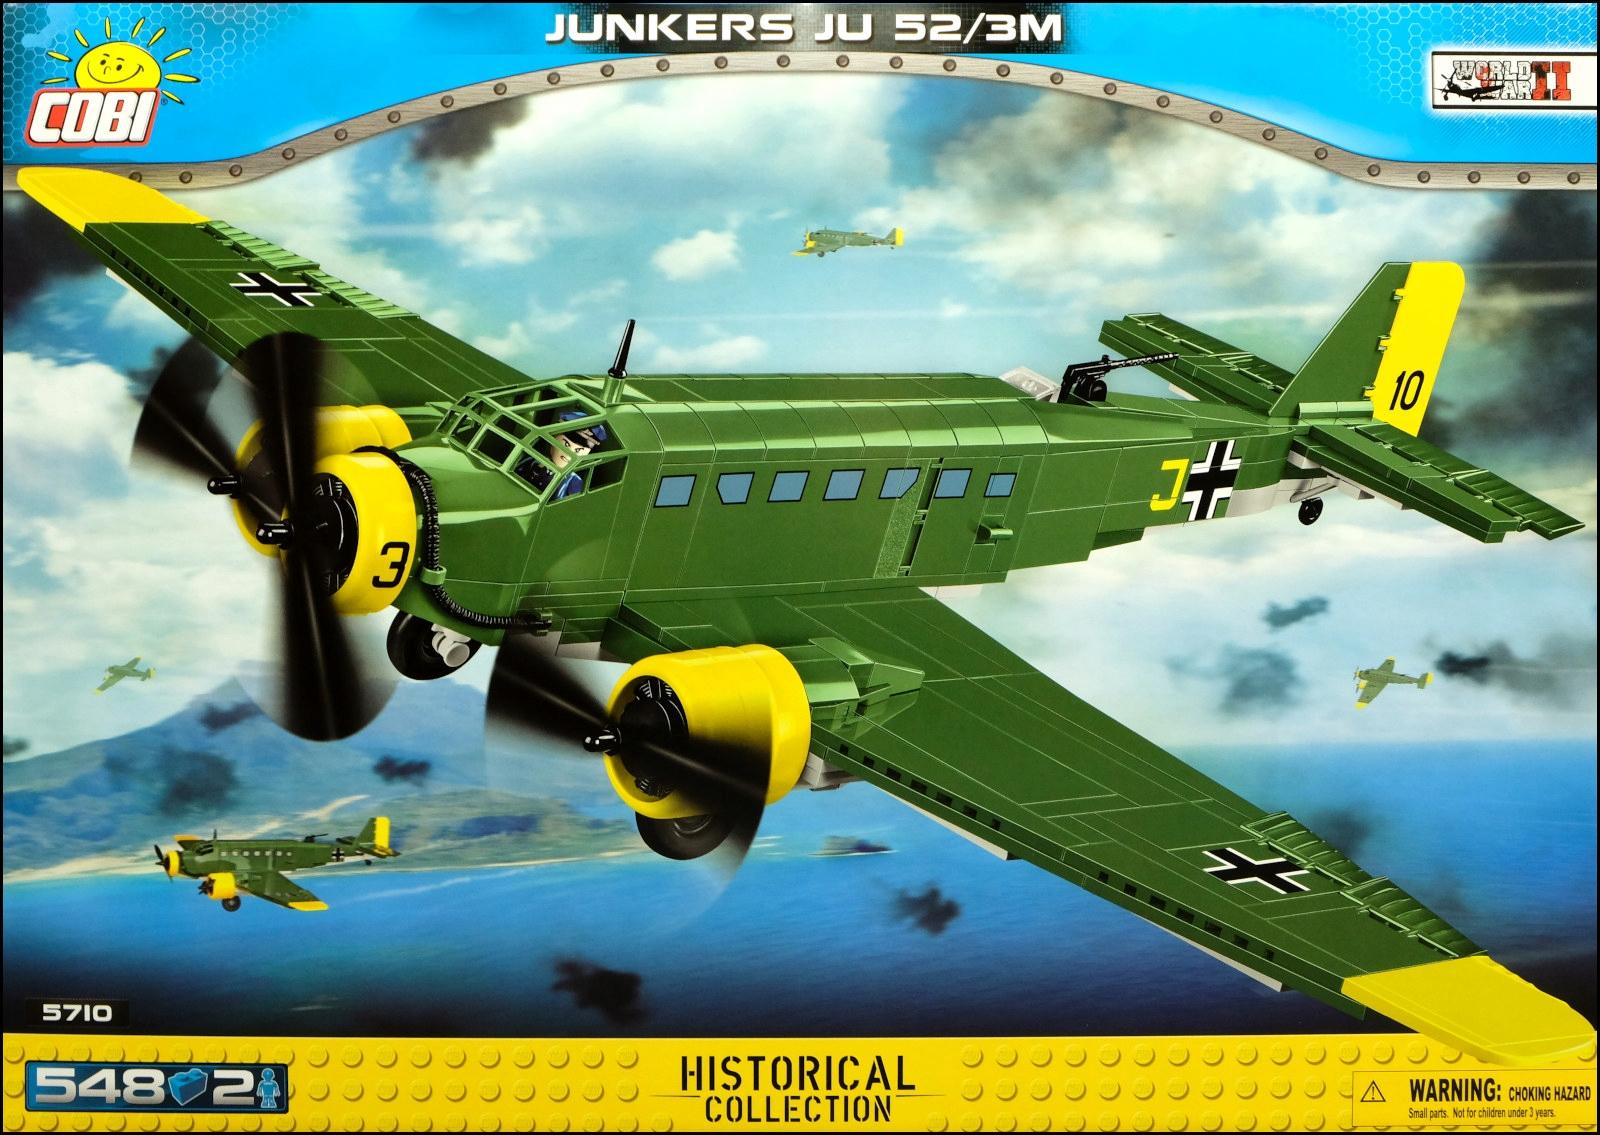 COBI Junkers Ju 52 / 3M (5710) - 548 ks.